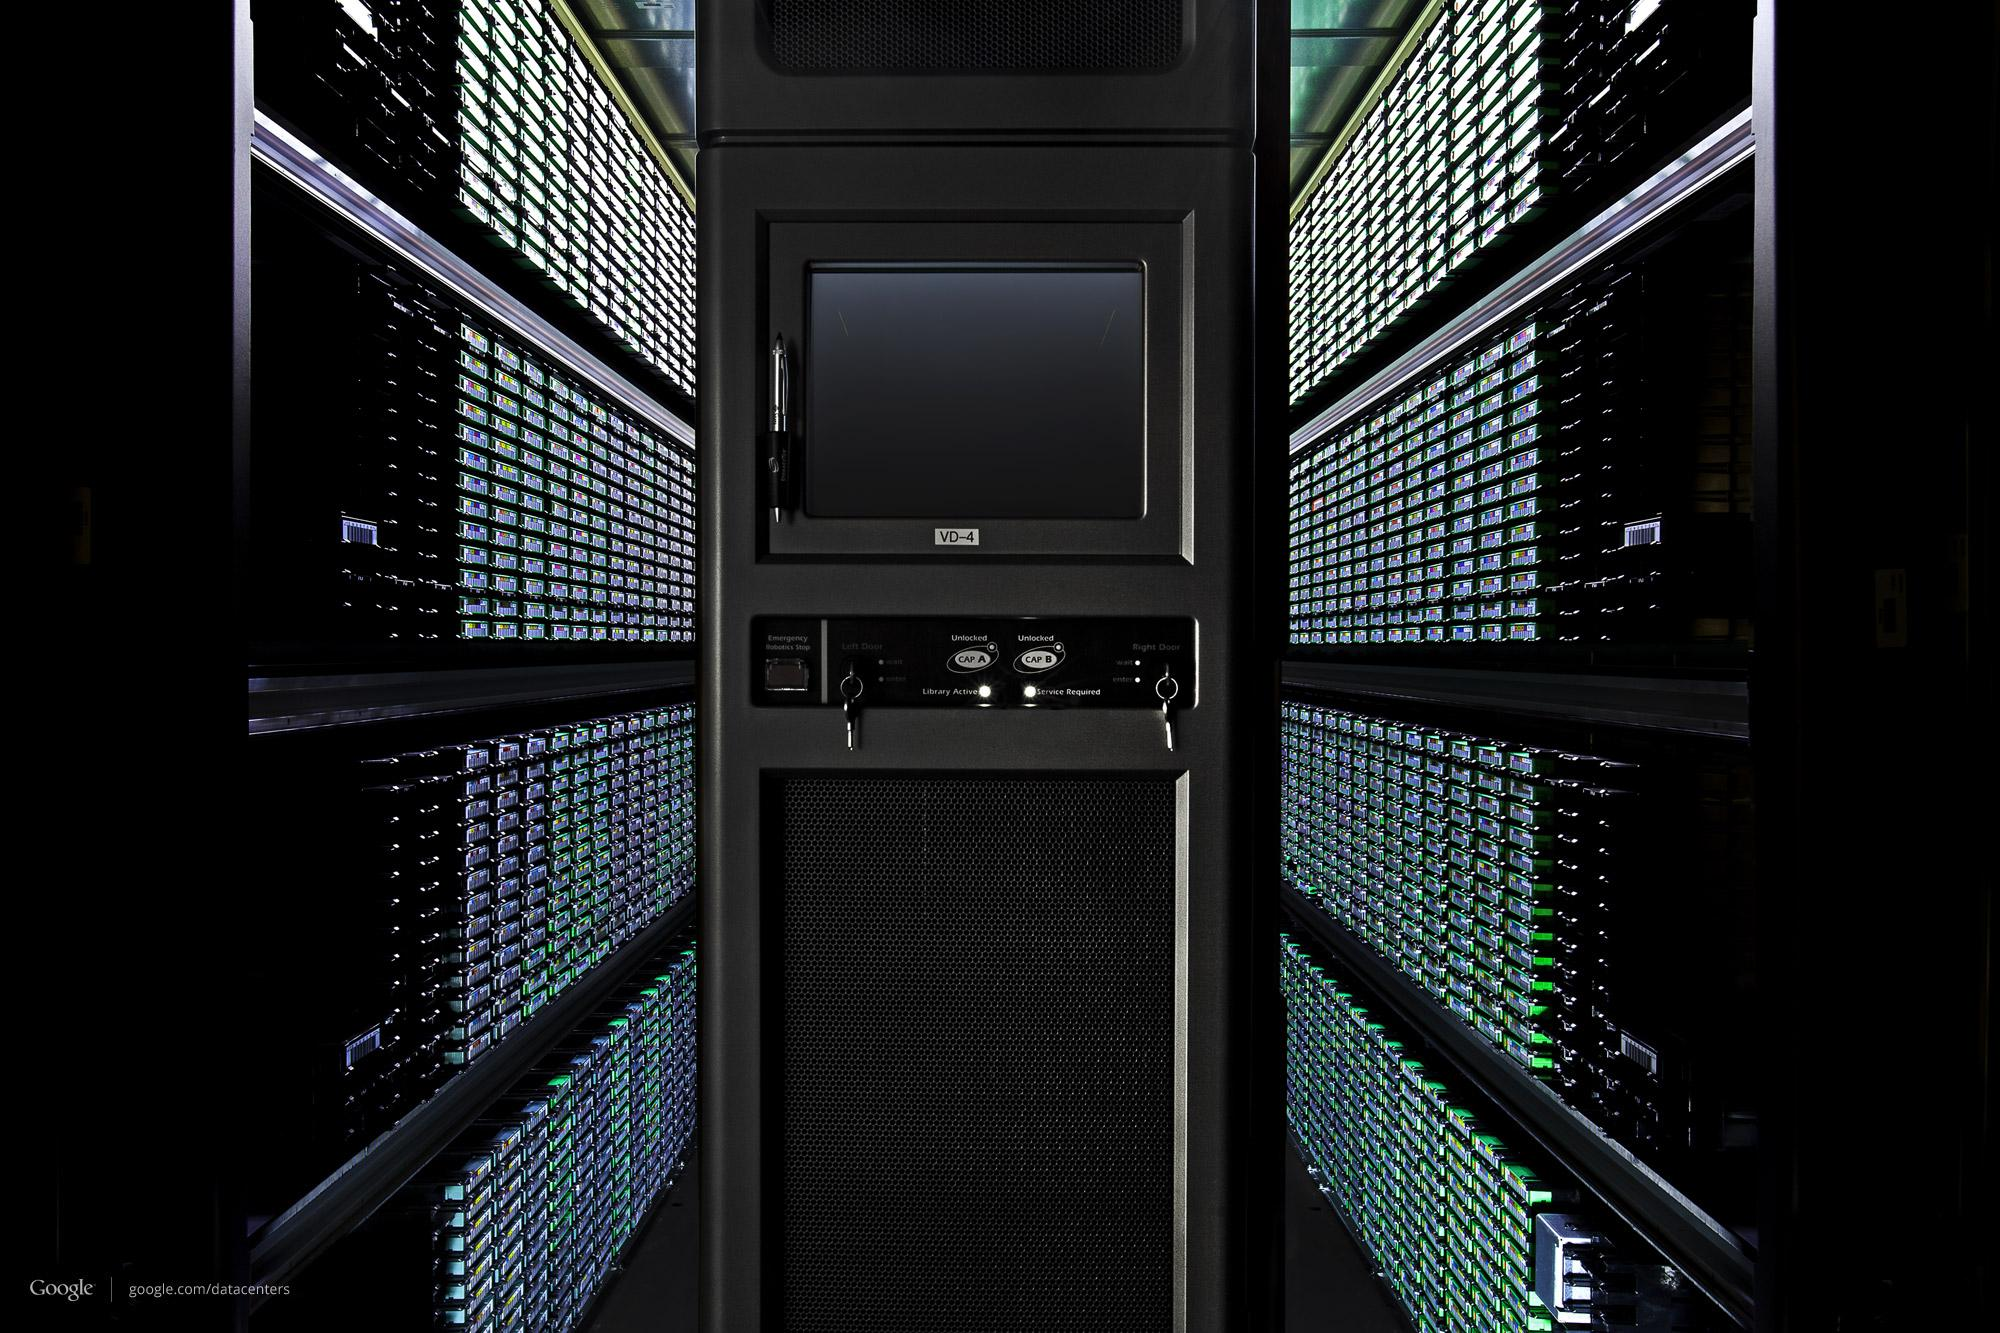 Hver kasett har en strekode, slik at Google alltid vet hva som er lagret der.Foto: Google/Connie Zhou